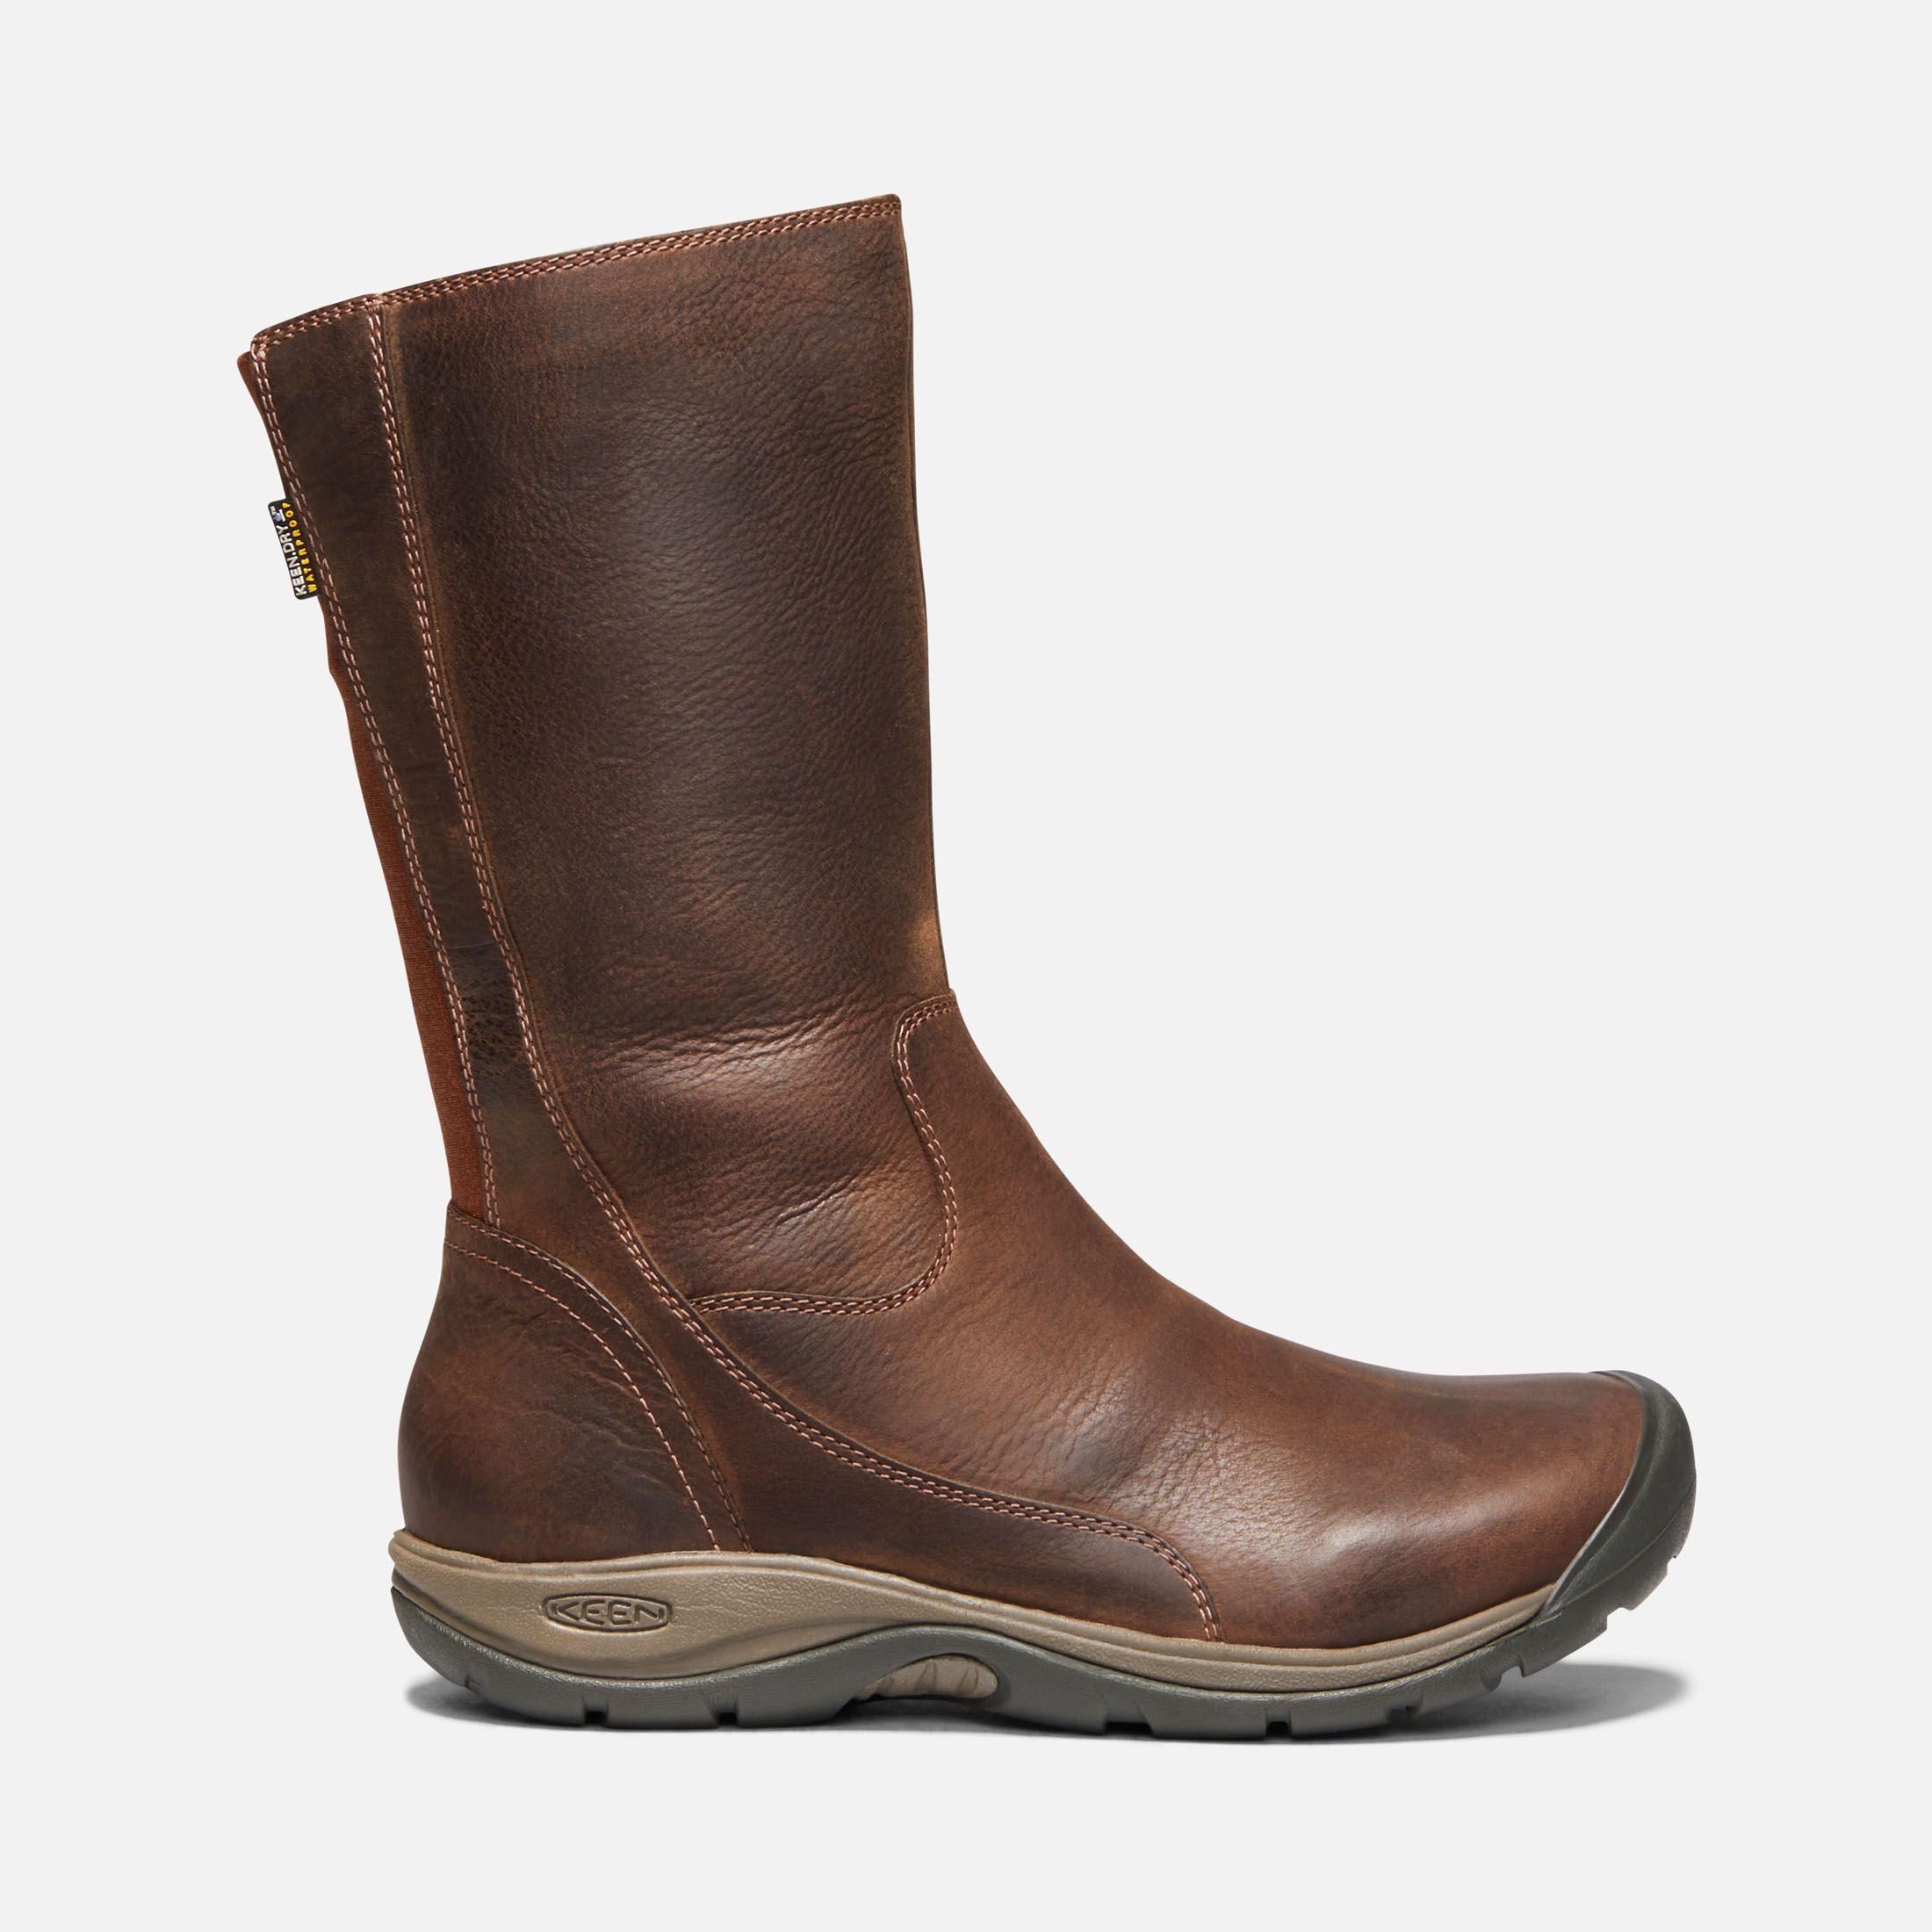 Keen Women's Waterproof Presidio II Boot Size 10, In